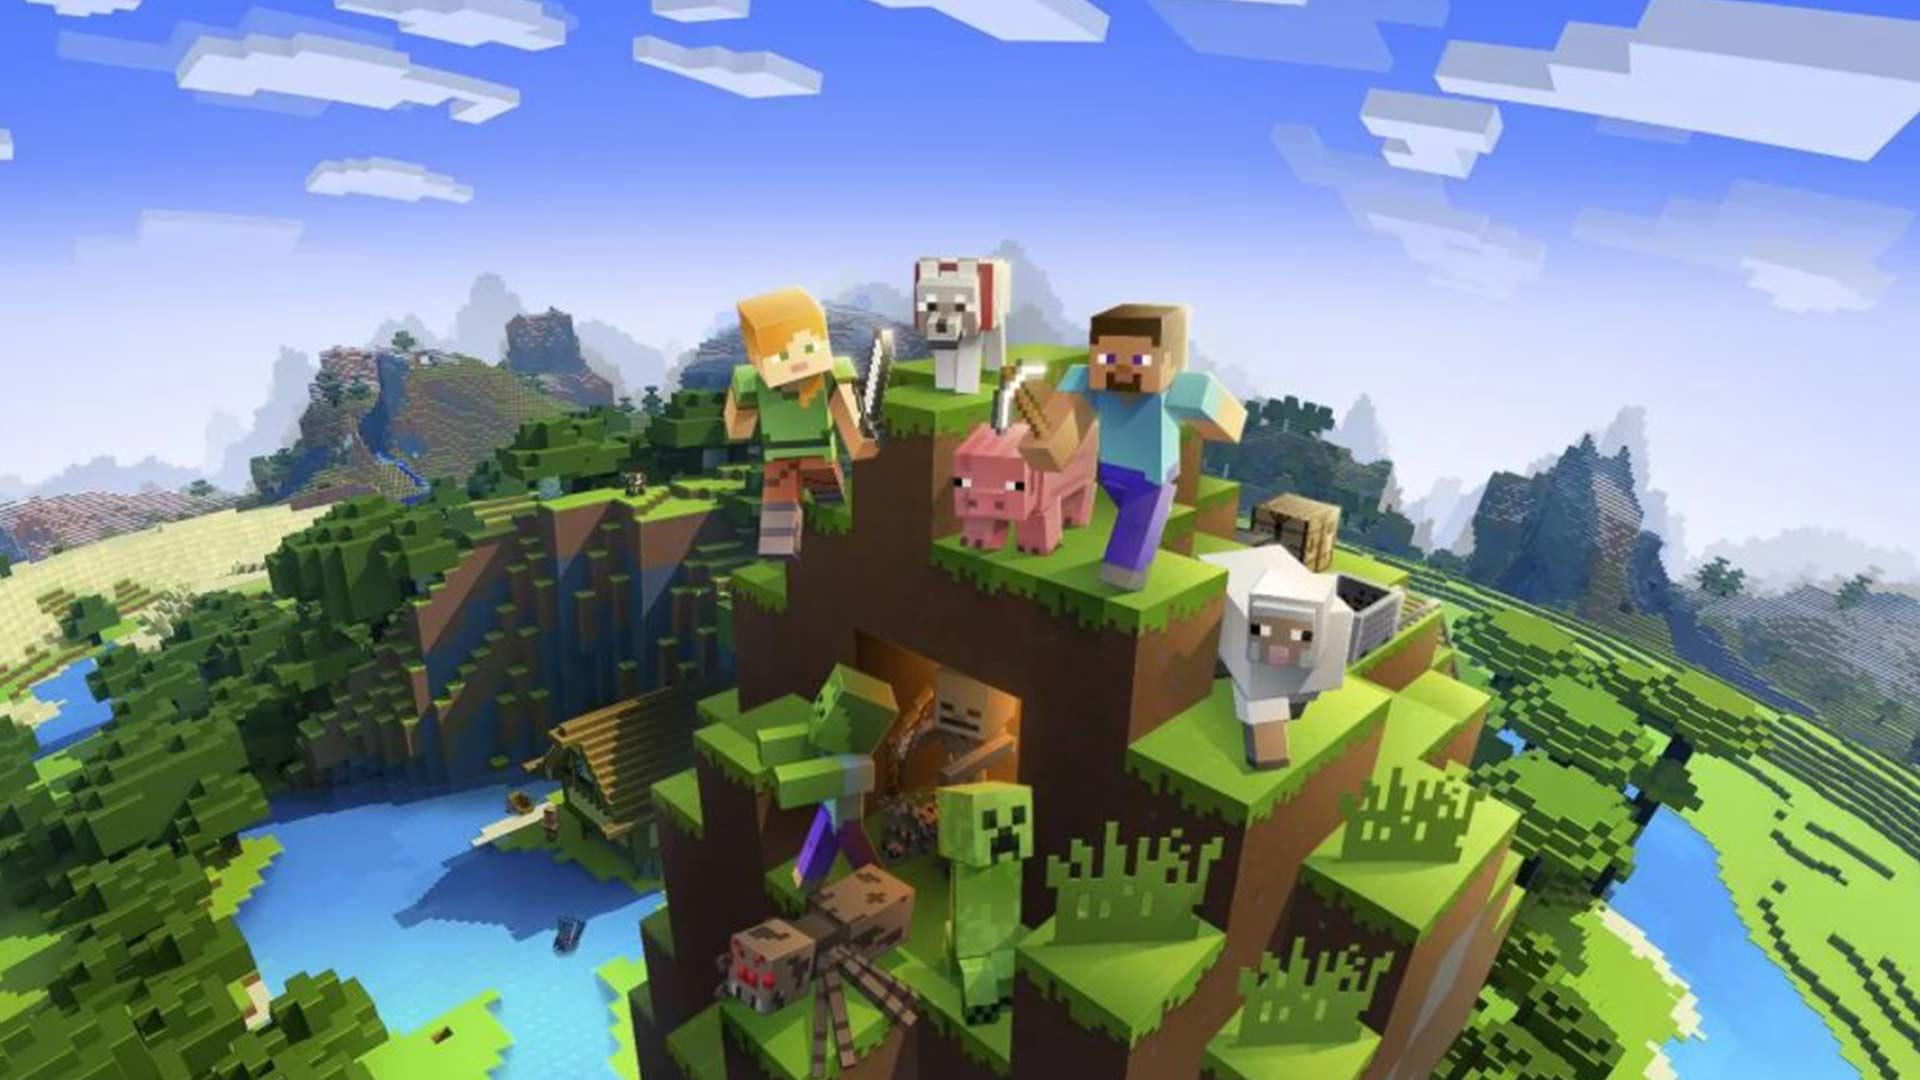 Minecraft ab heute kostenlos auf PlayStation VR spielbar